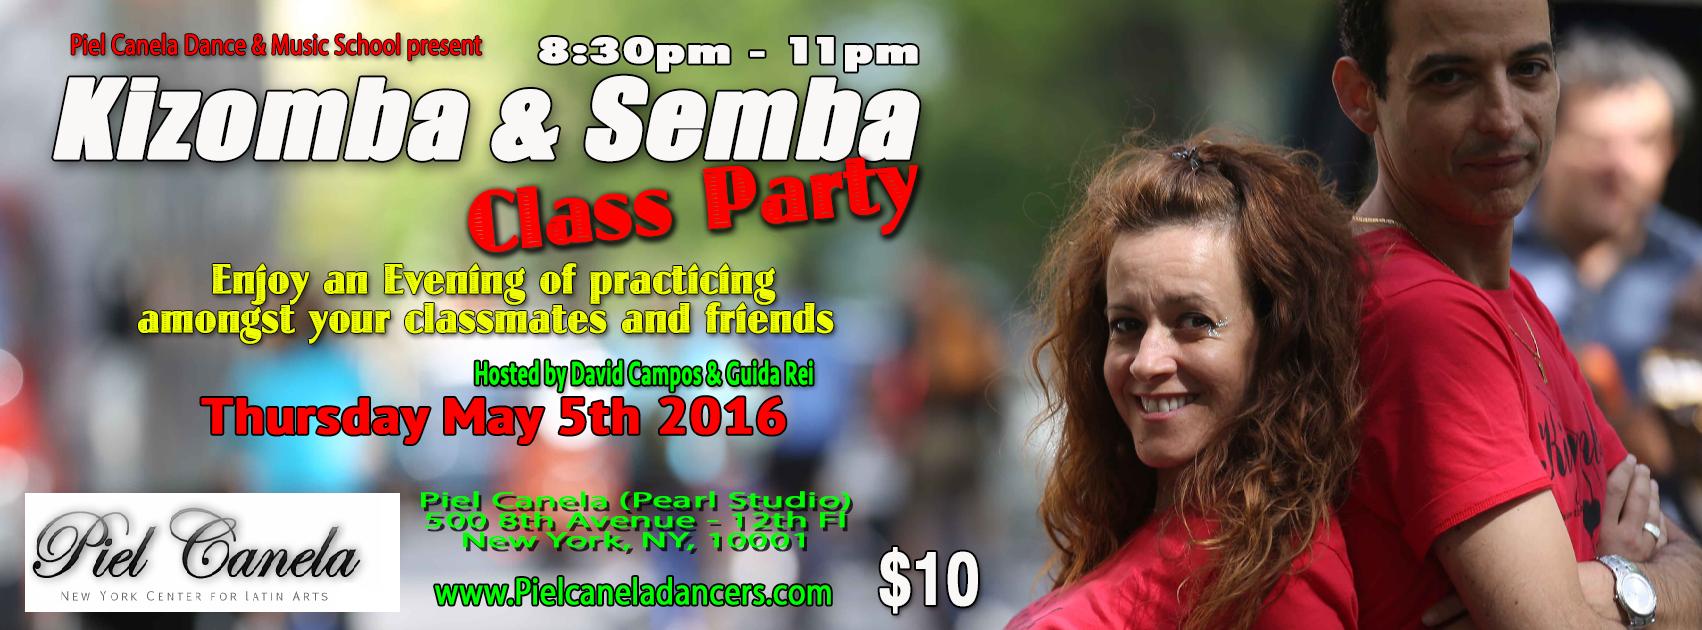 Class Party Piel Canela